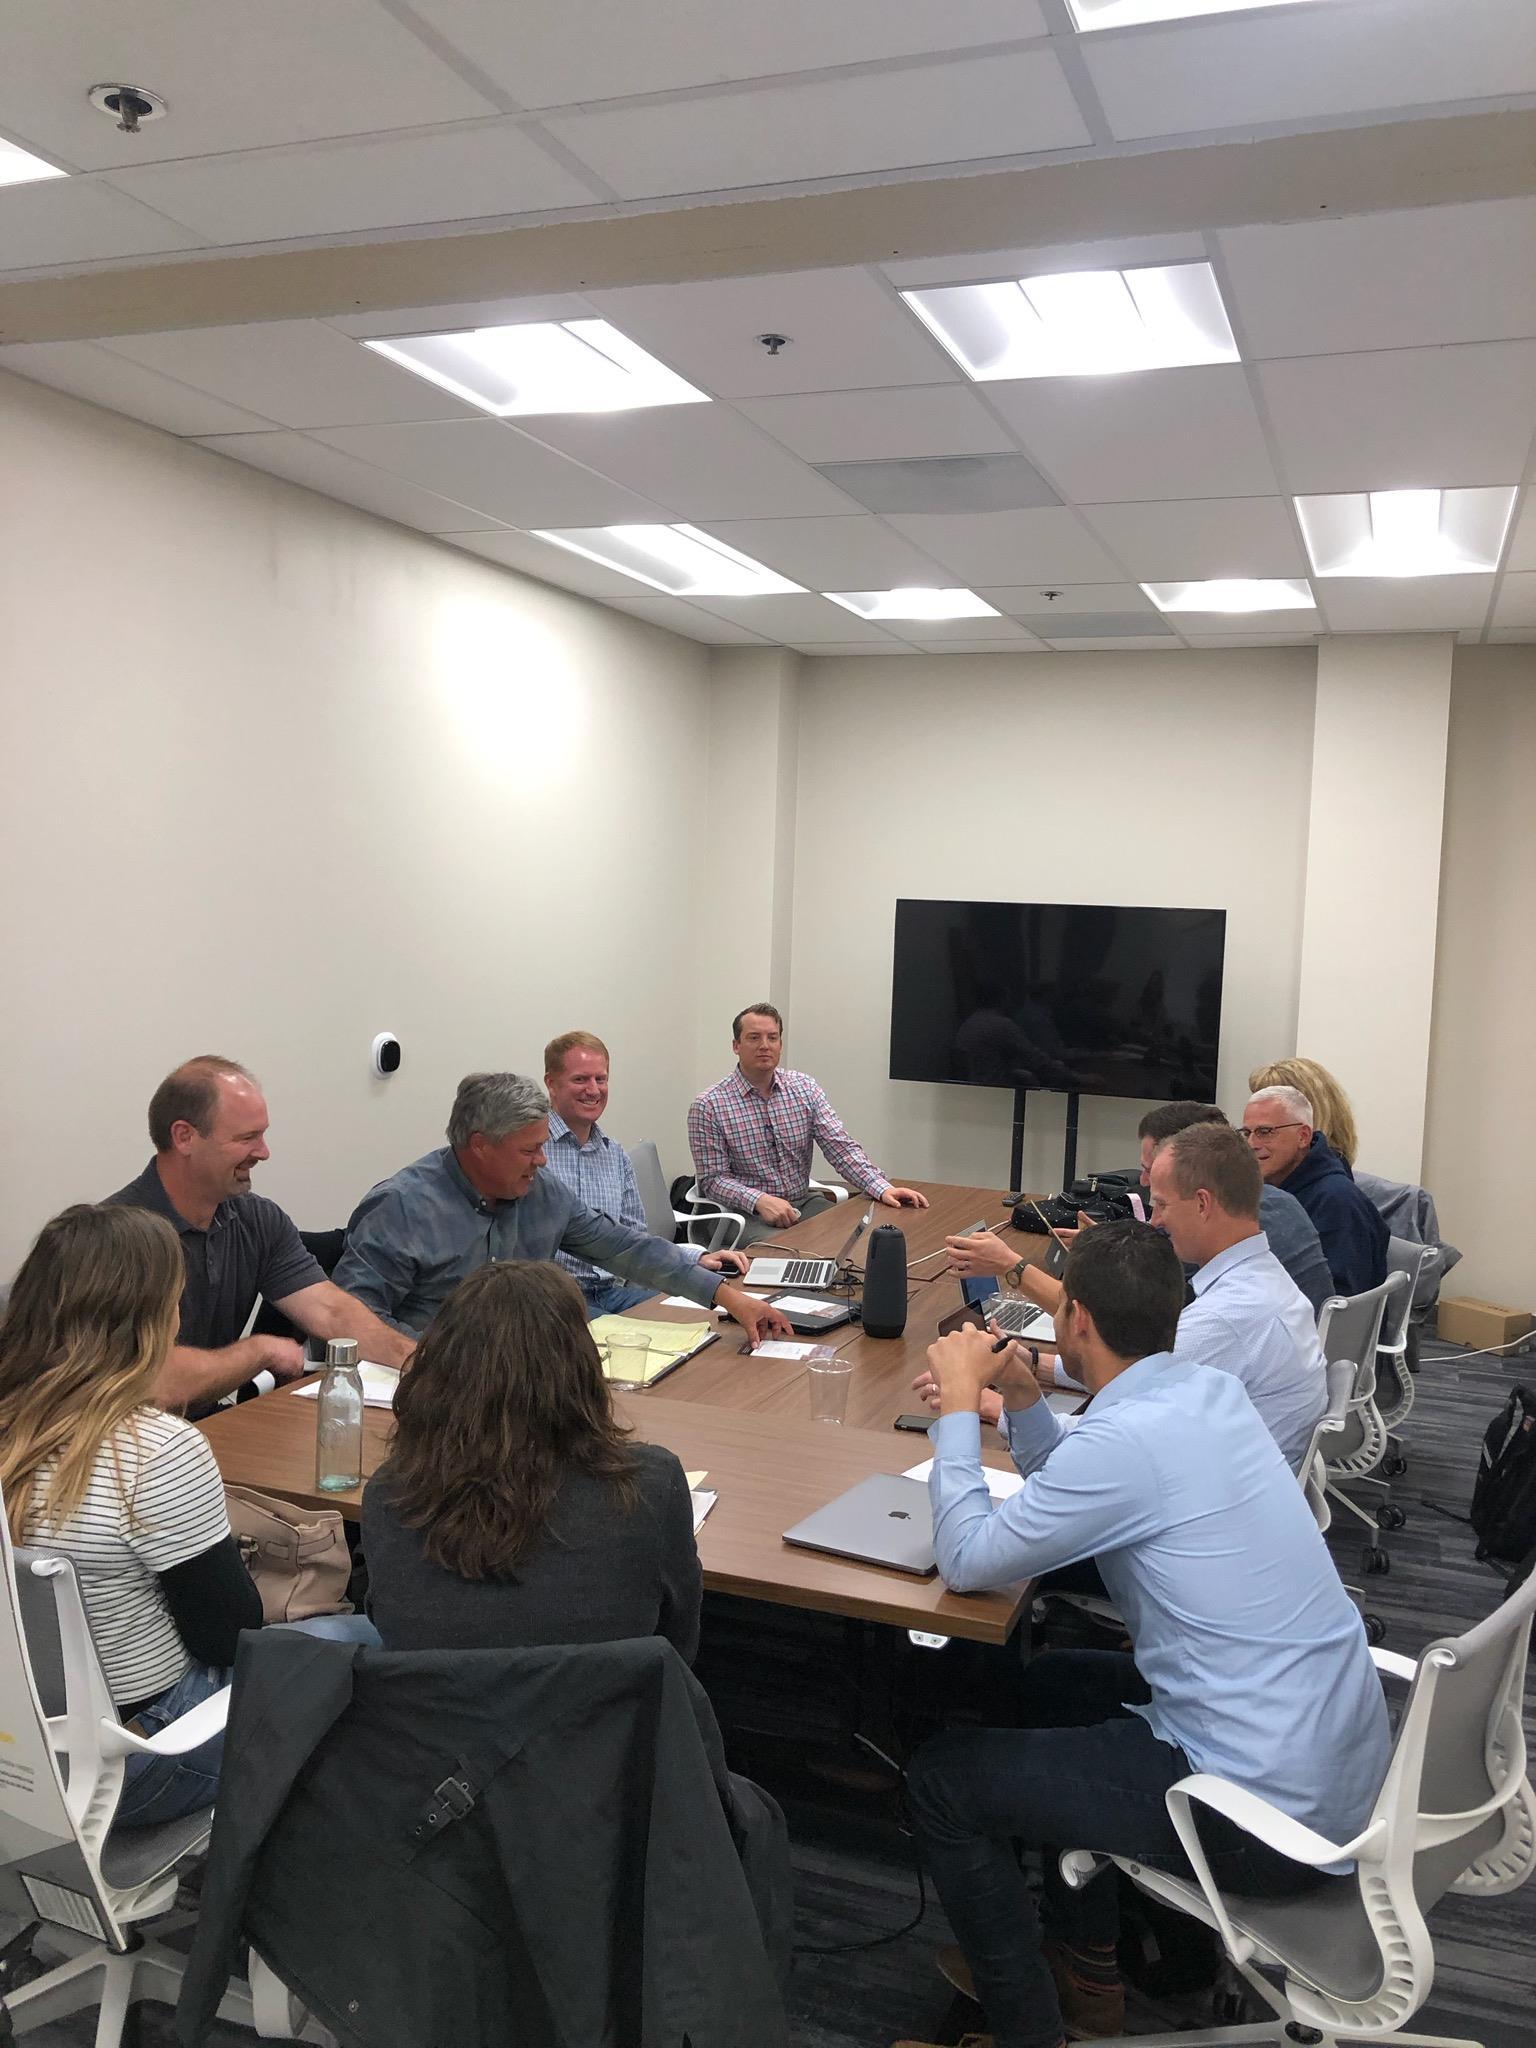 Granite City Coworking - Sutter Meeting room